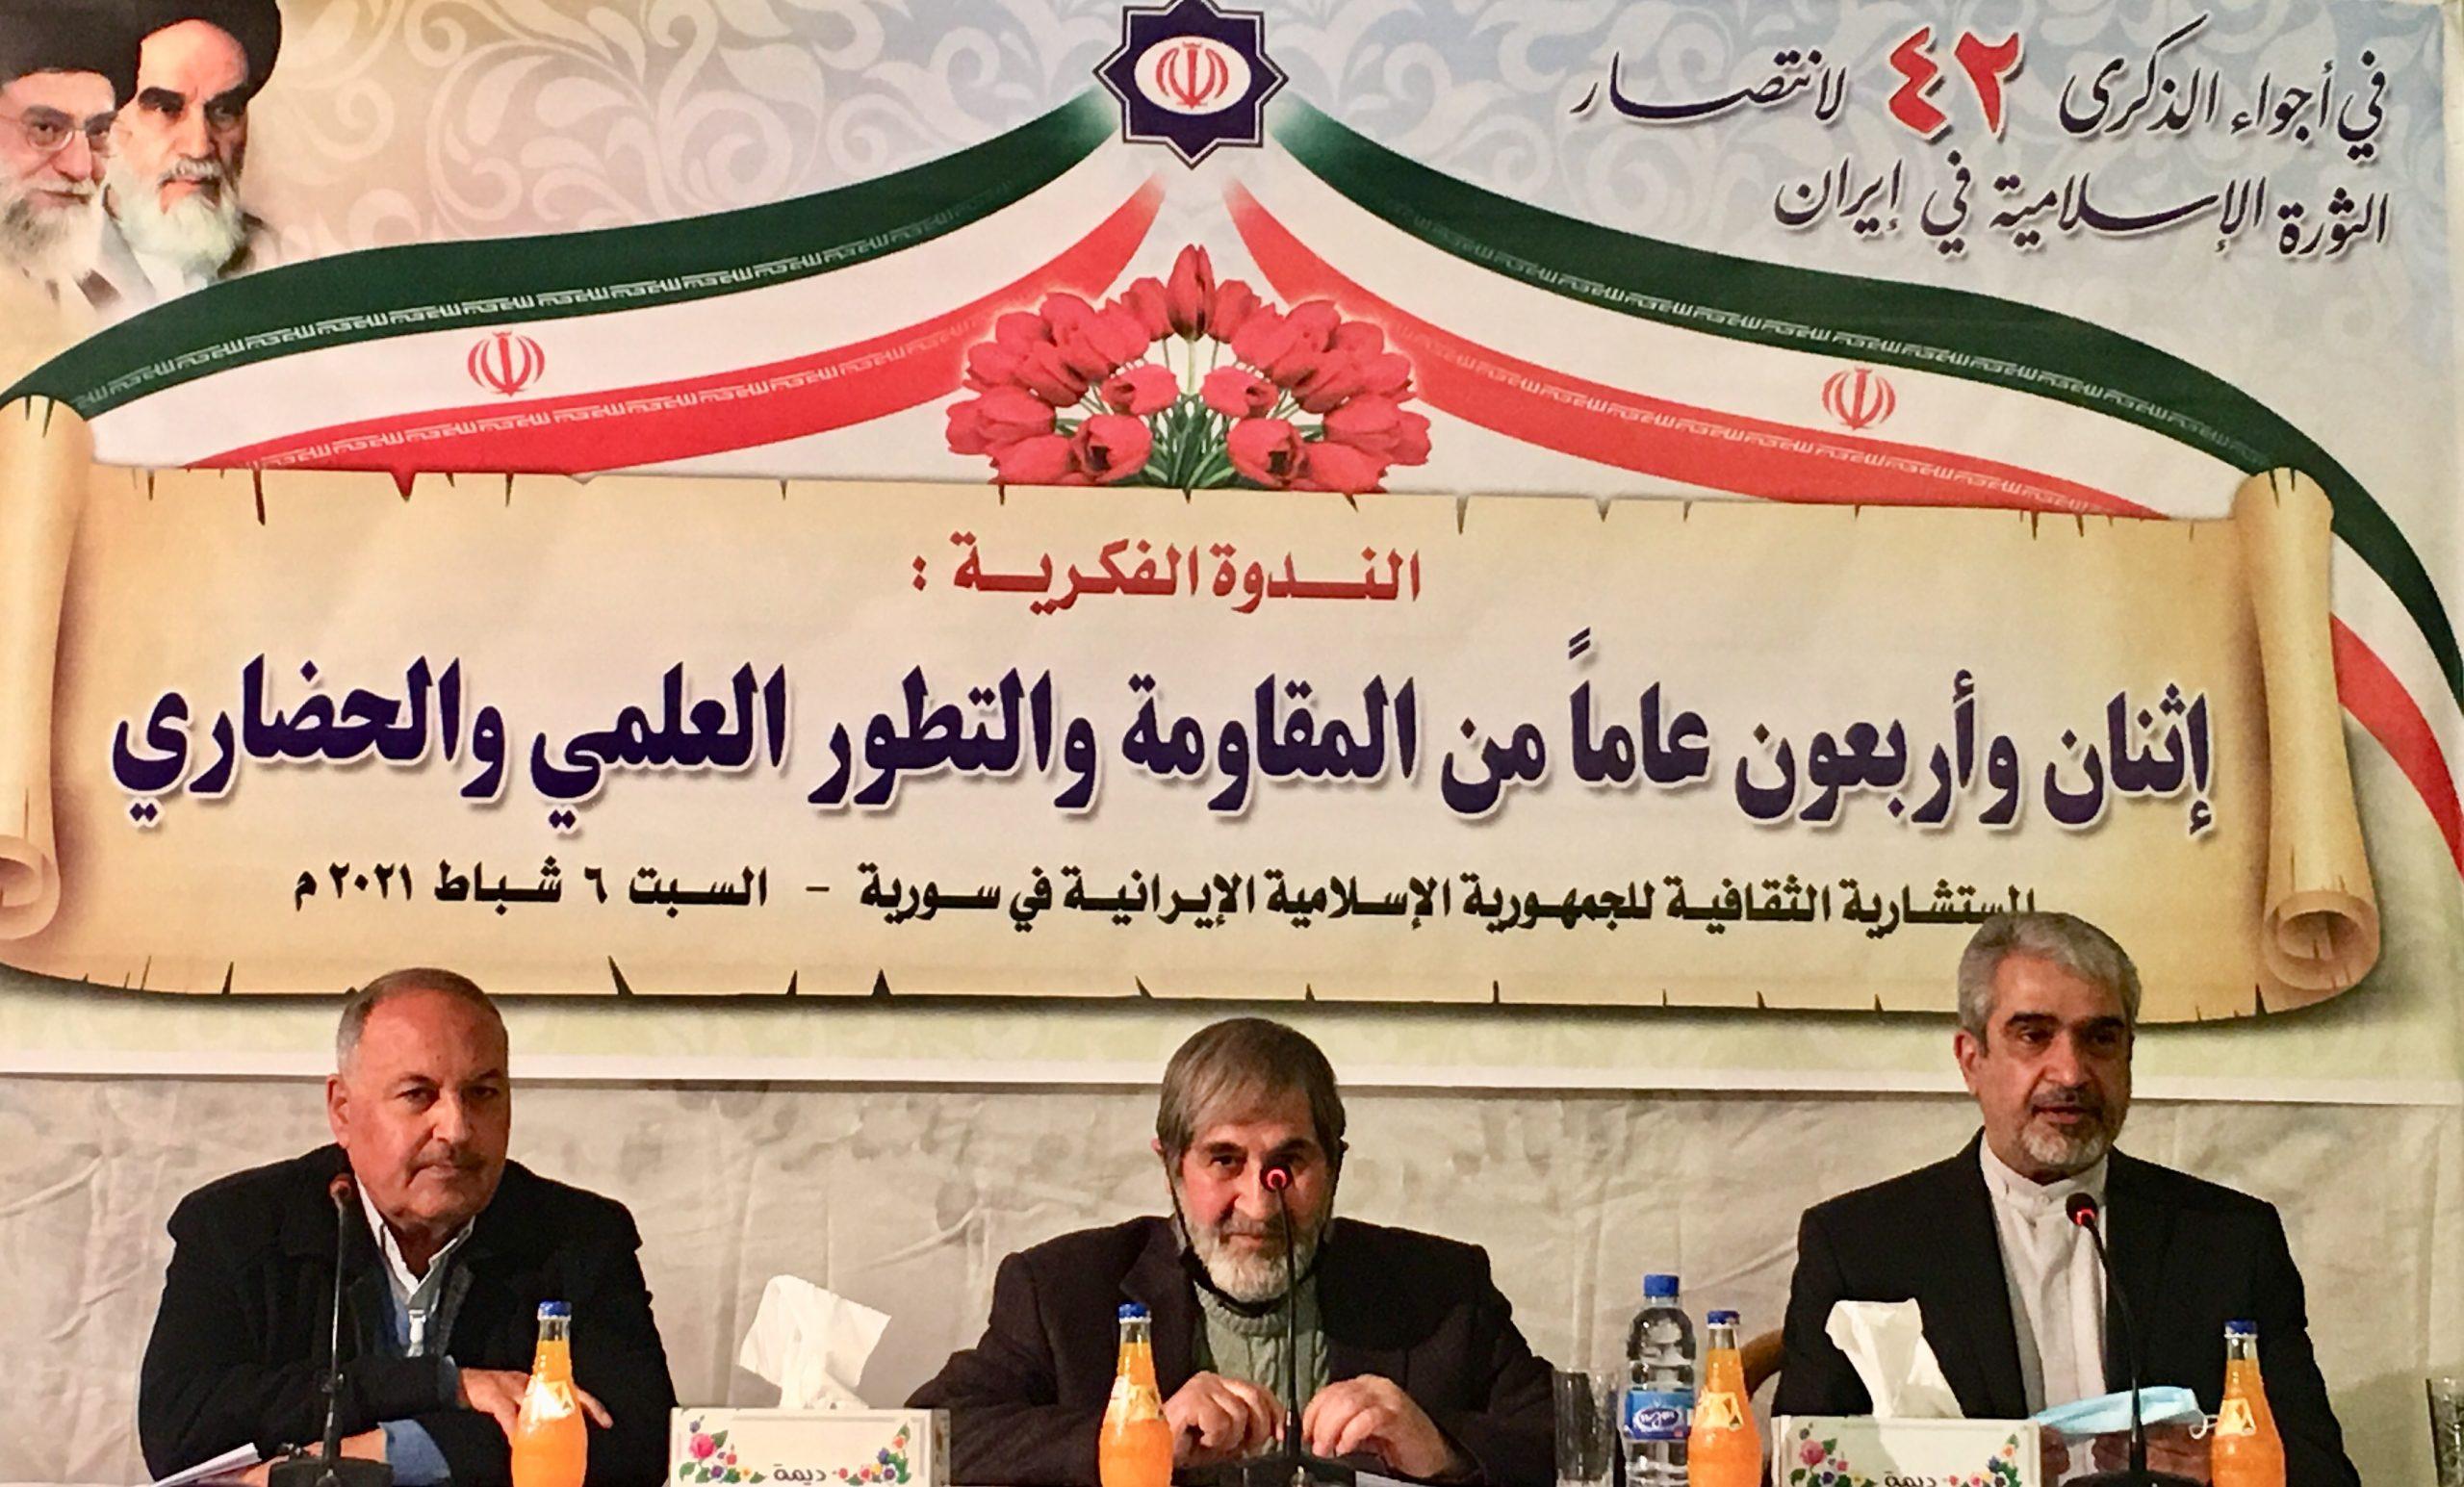 ندوة حوارية بمناسبة الذكرى 42 لانتصار الثورة الإسلامية في إيران